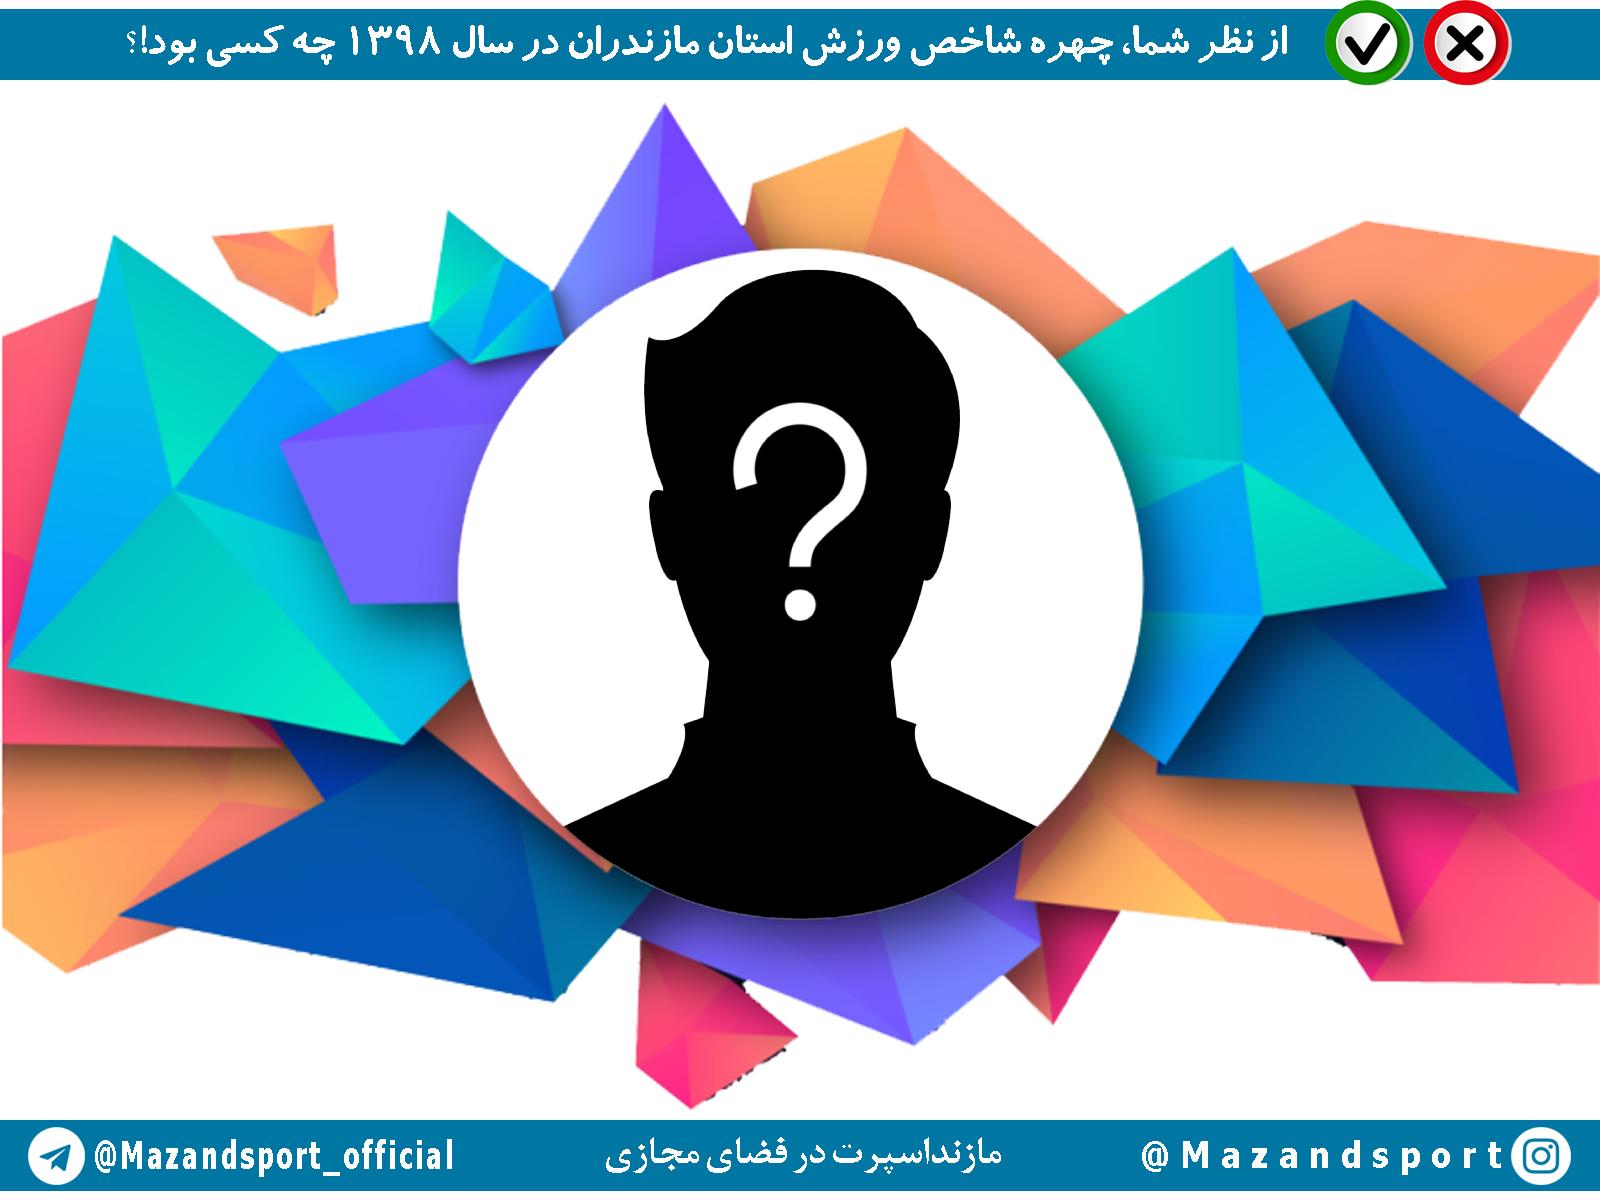 چهره سال ورزش استان مازندران در سال ۱۳۹۸ را انتخاب کنید + عکس کاندیدا